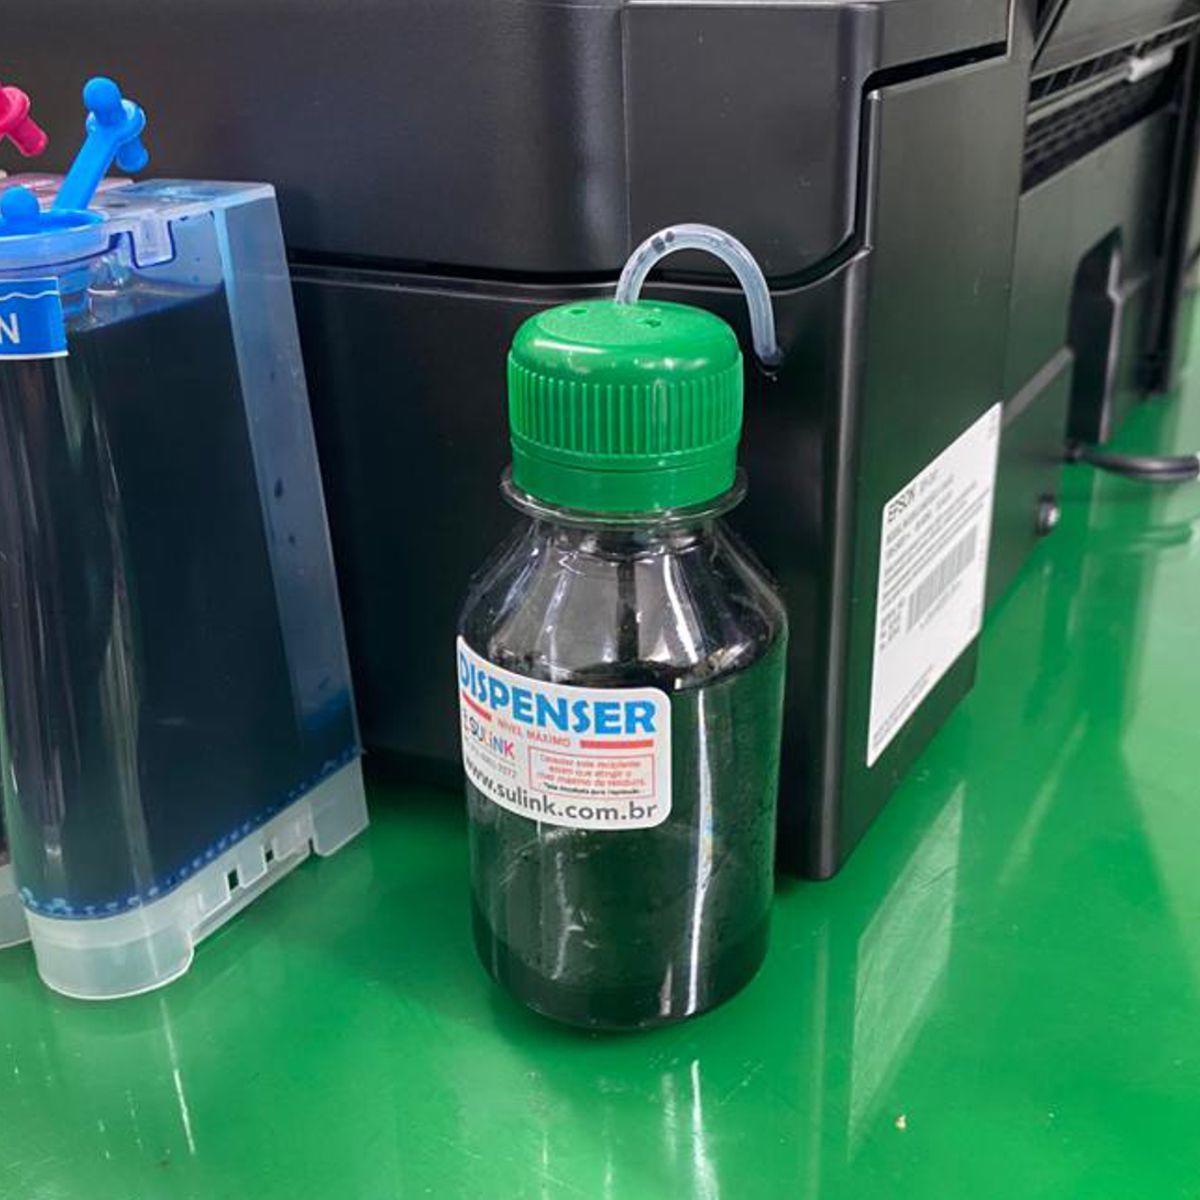 Kit Dispenser para Epson R280, R290, T50, L800, L805, L850 e Artisan 50